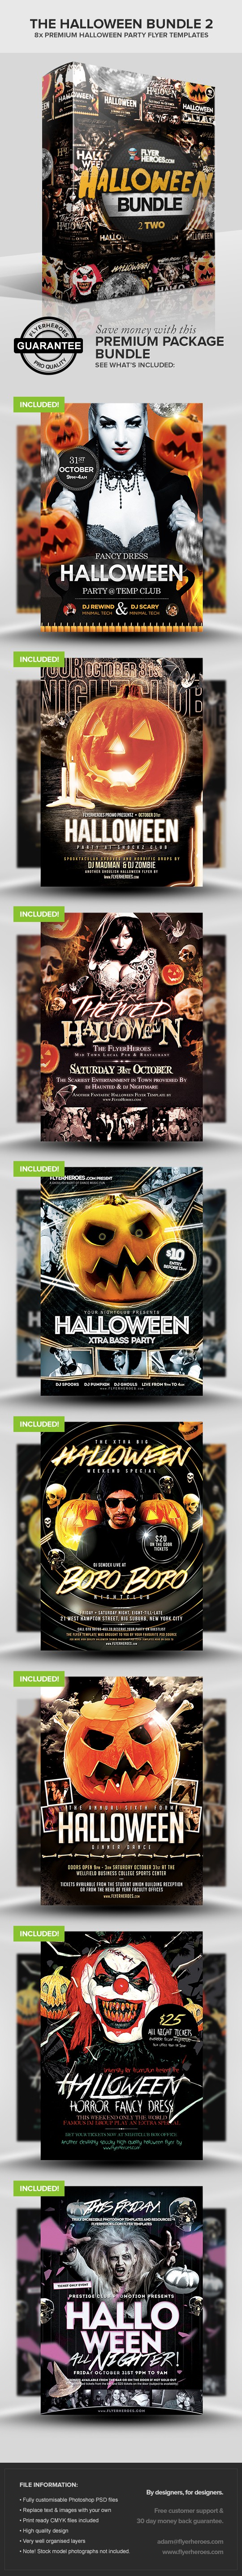 The Halloween Bundle 2